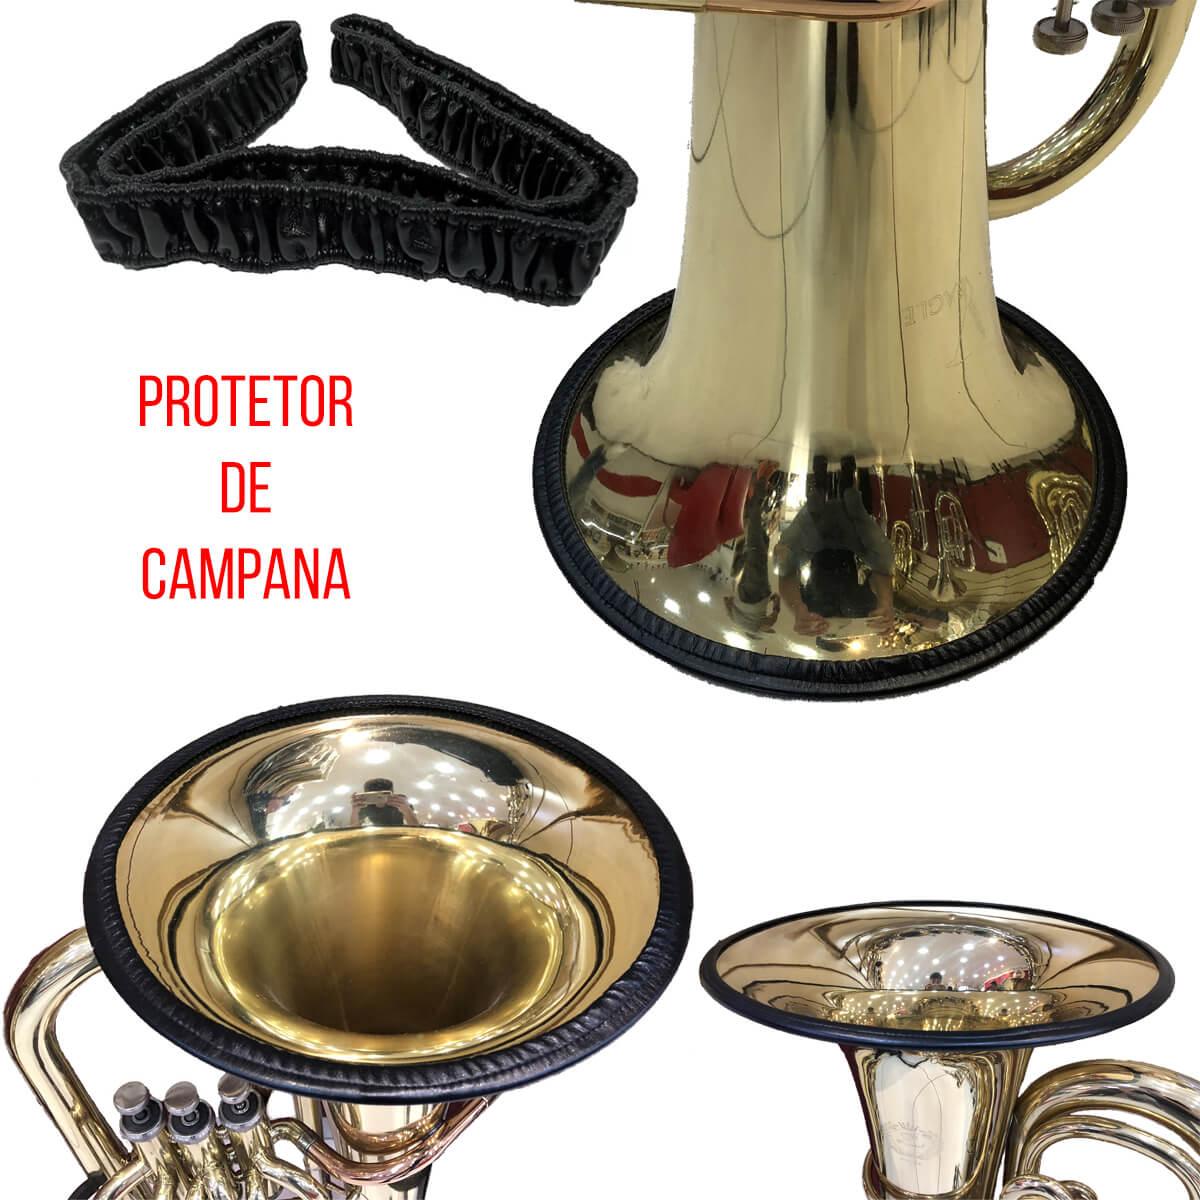 Protetor De Campana